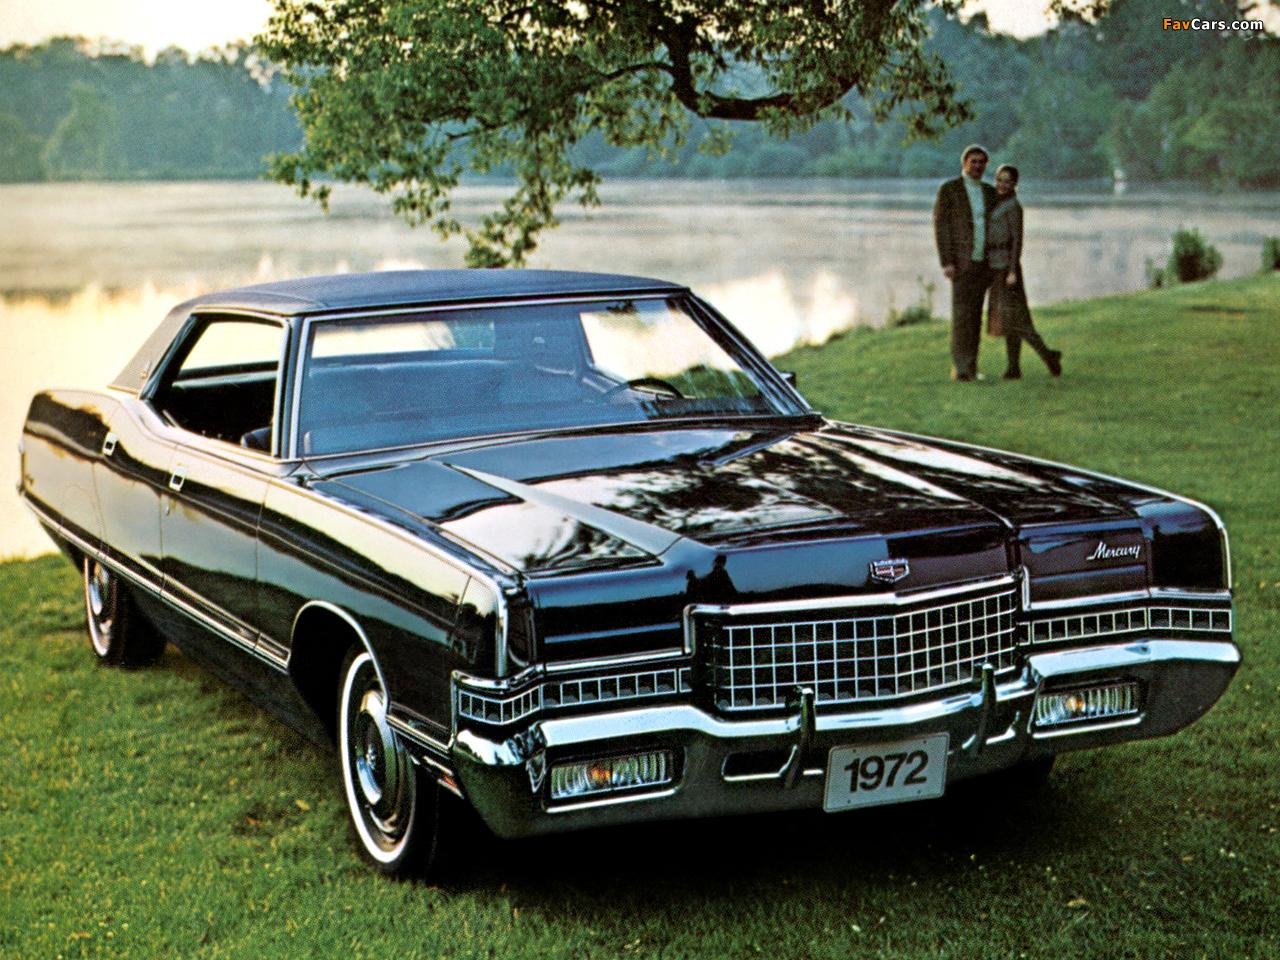 Mercury Marquis Brougham 4-door Hardtop 1972 images (1280 x 960)